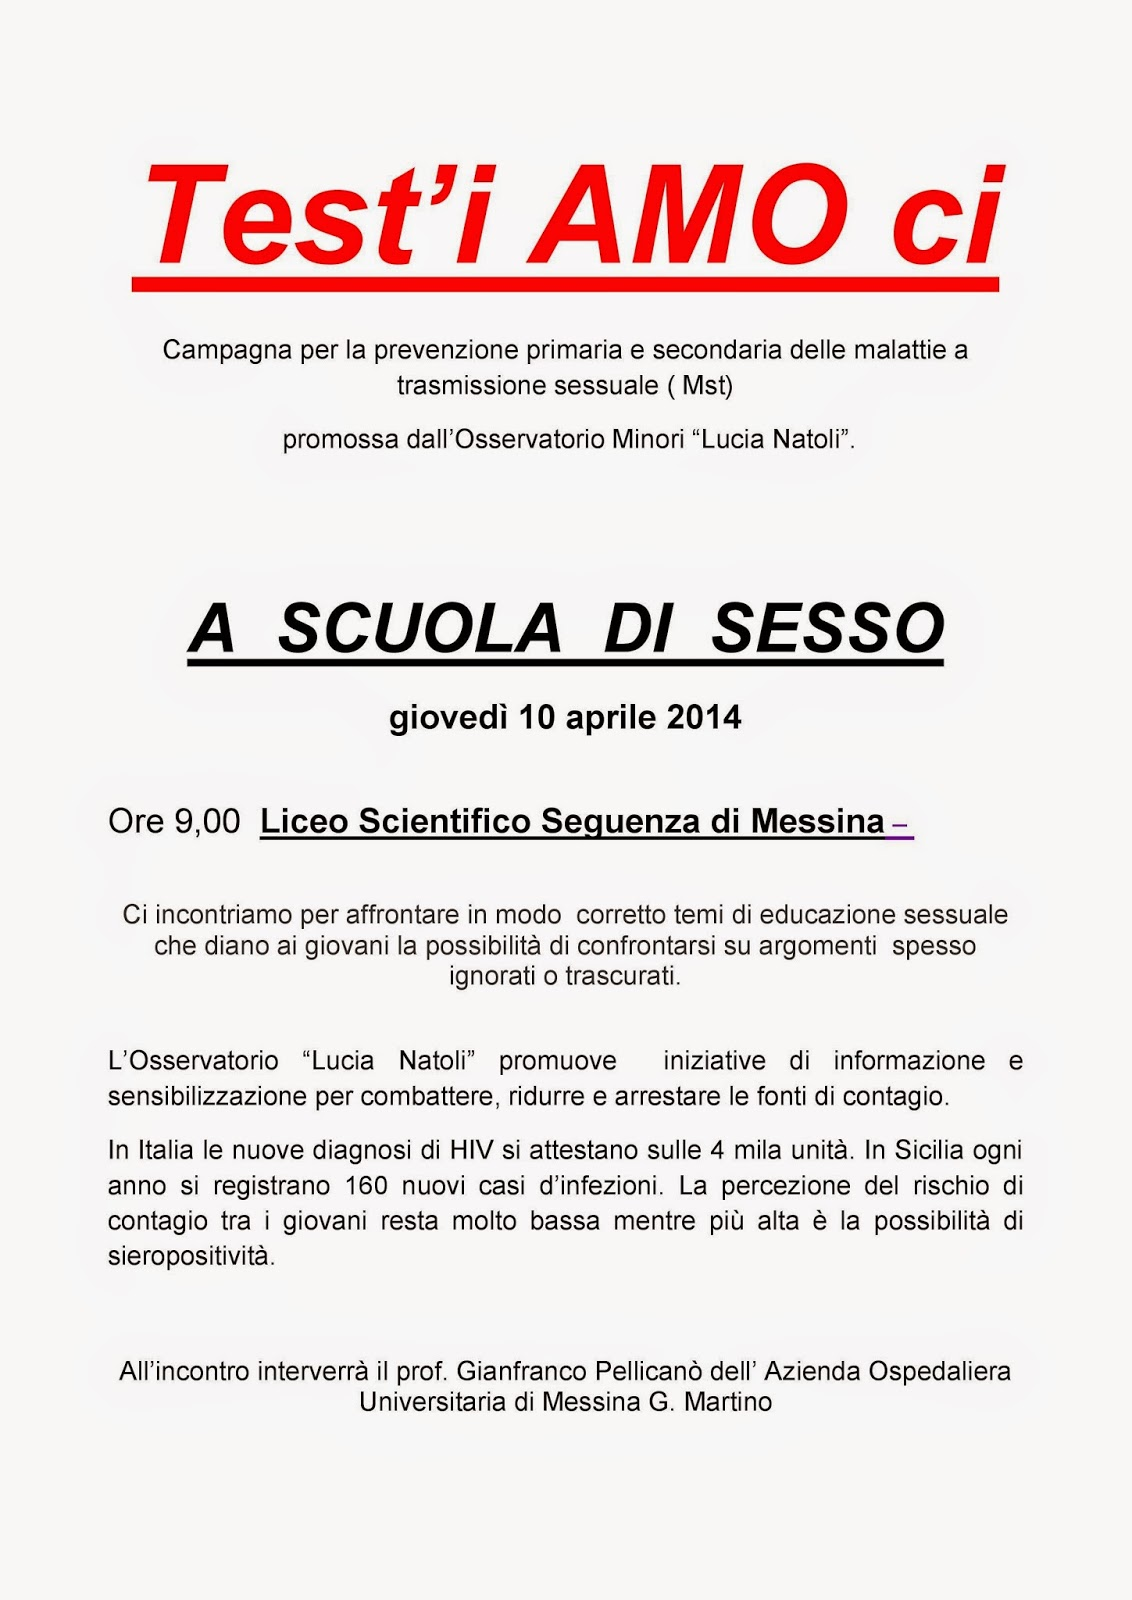 """L'OSSERVATORIO MINORI """"LUCIA NATOLI"""" DI MESSINA PROMUOVE LA CAMPAGNA """"TEST'I AMO CI"""""""